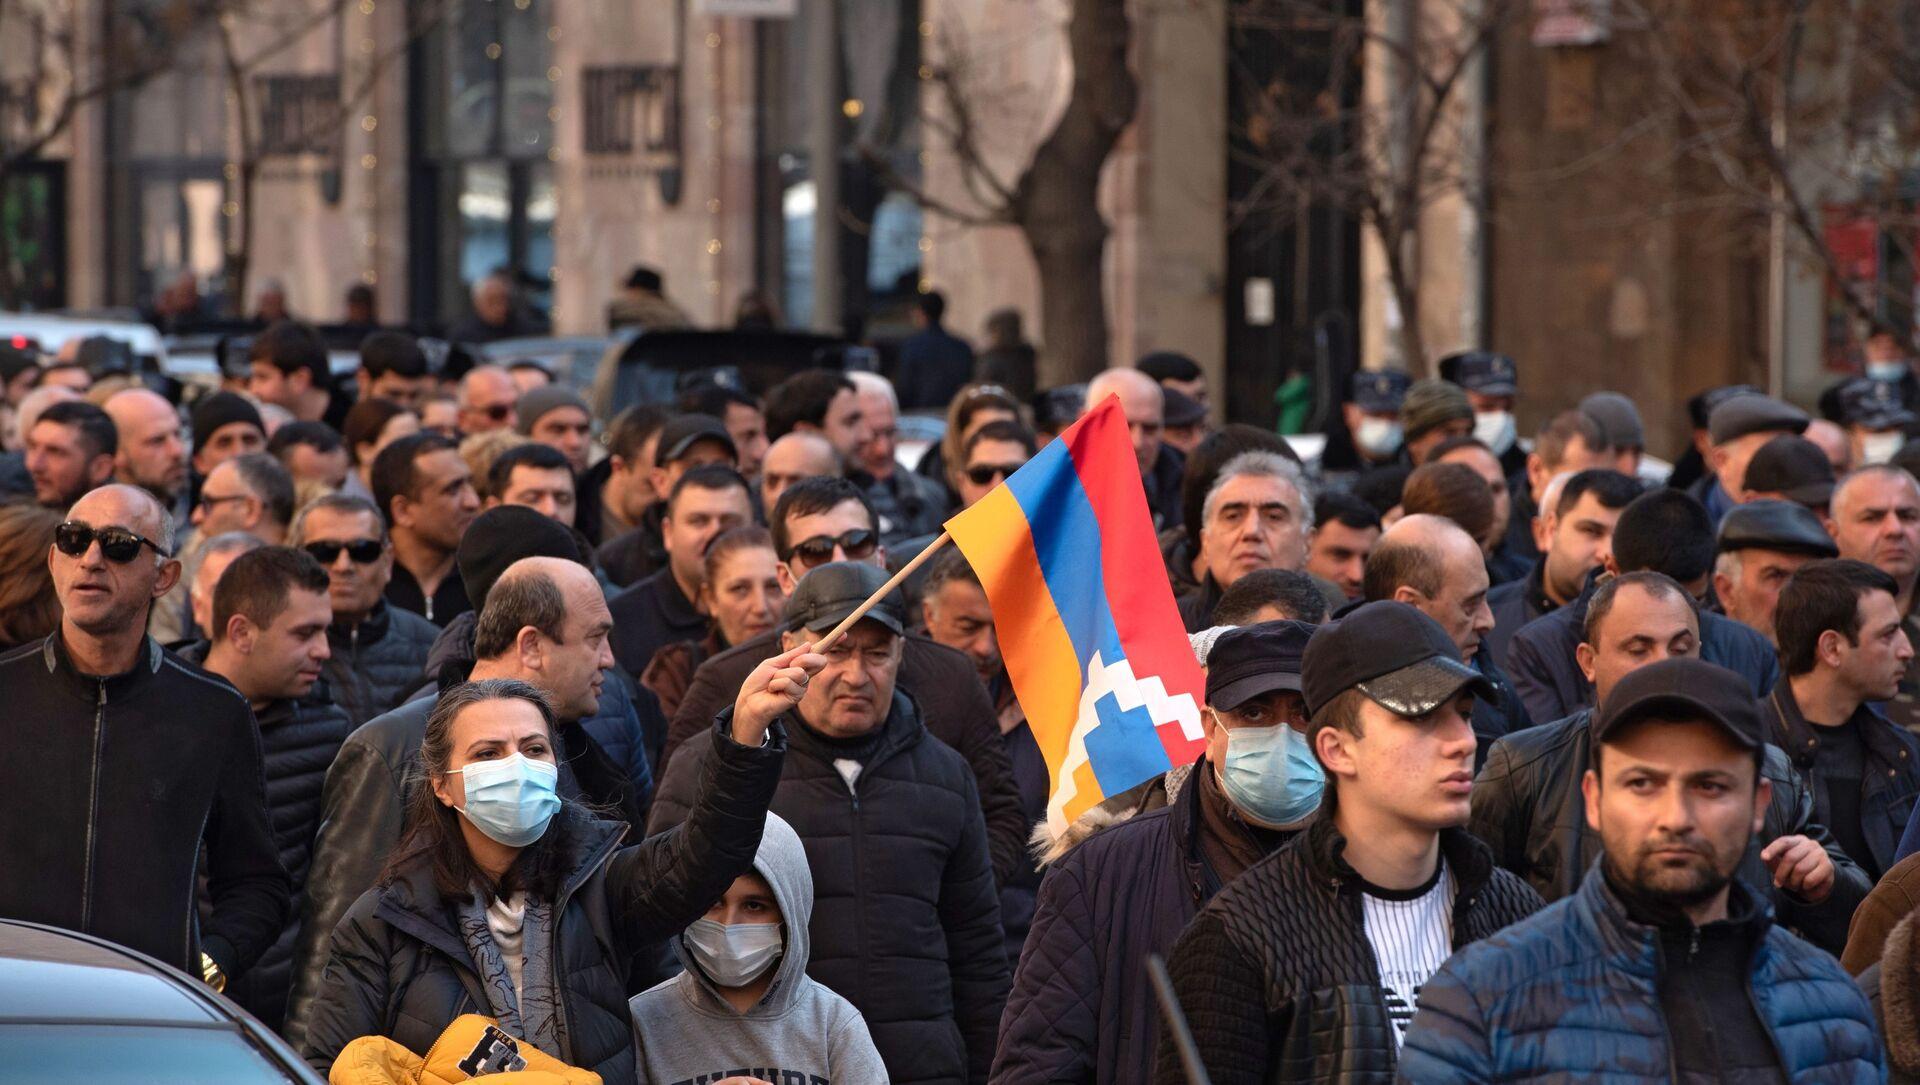 Cuộc biểu tình của phe đối lập ở Yerevan, Armenia  - Sputnik Việt Nam, 1920, 01.03.2021